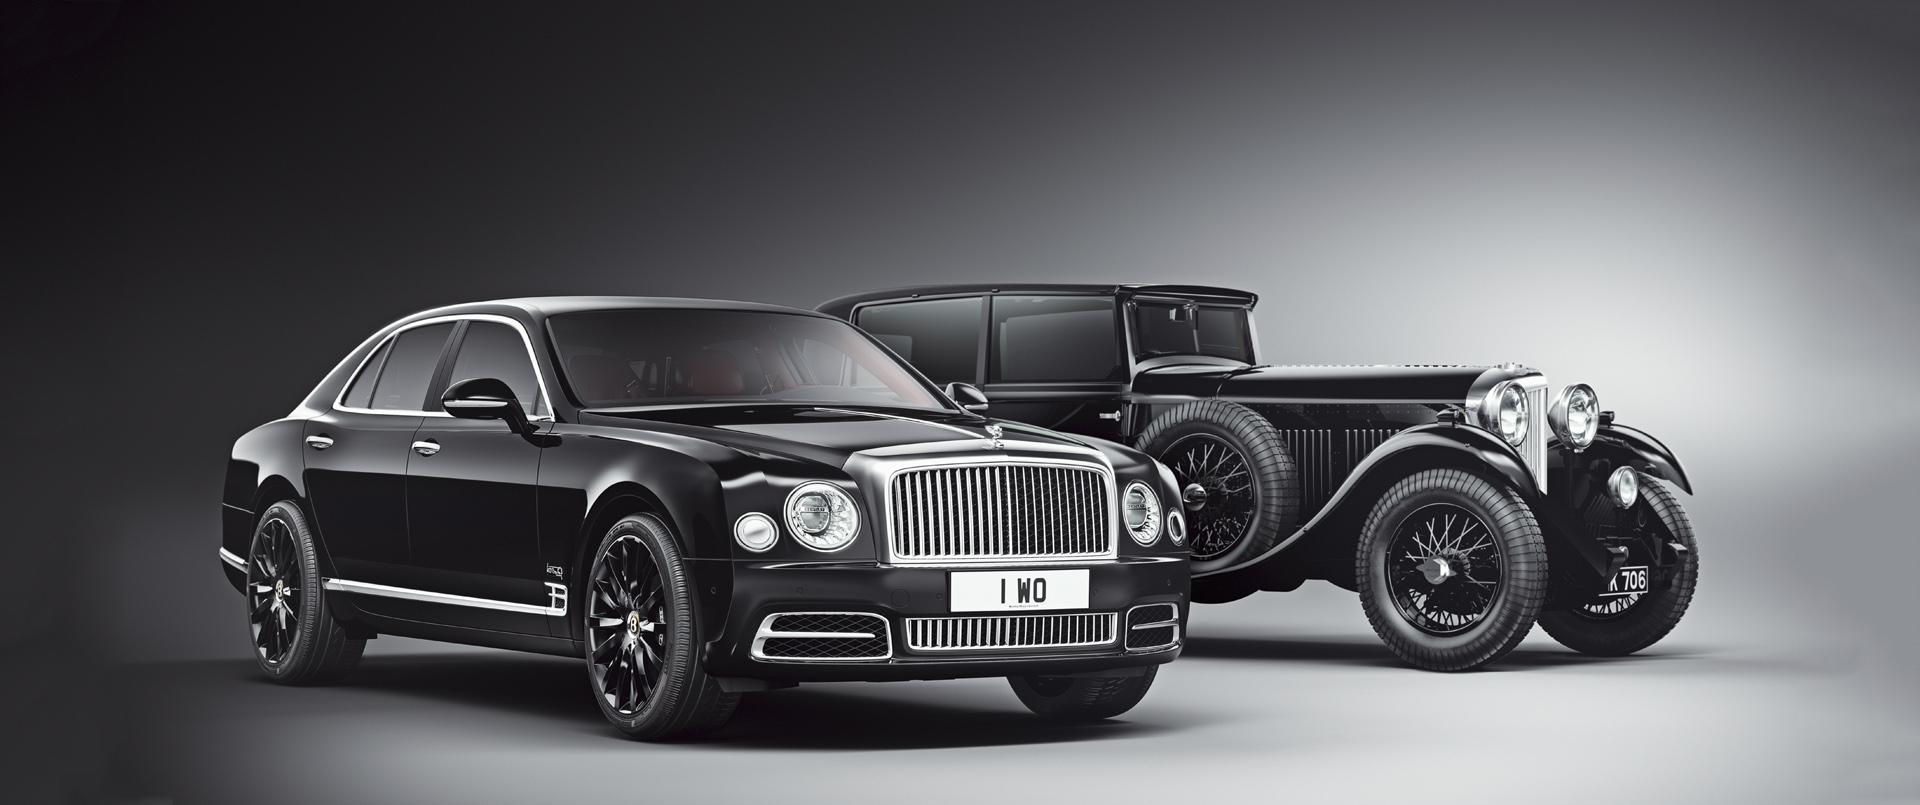 Bentley New Mulsanne Range  Dealer Order Guide Very Rare Item